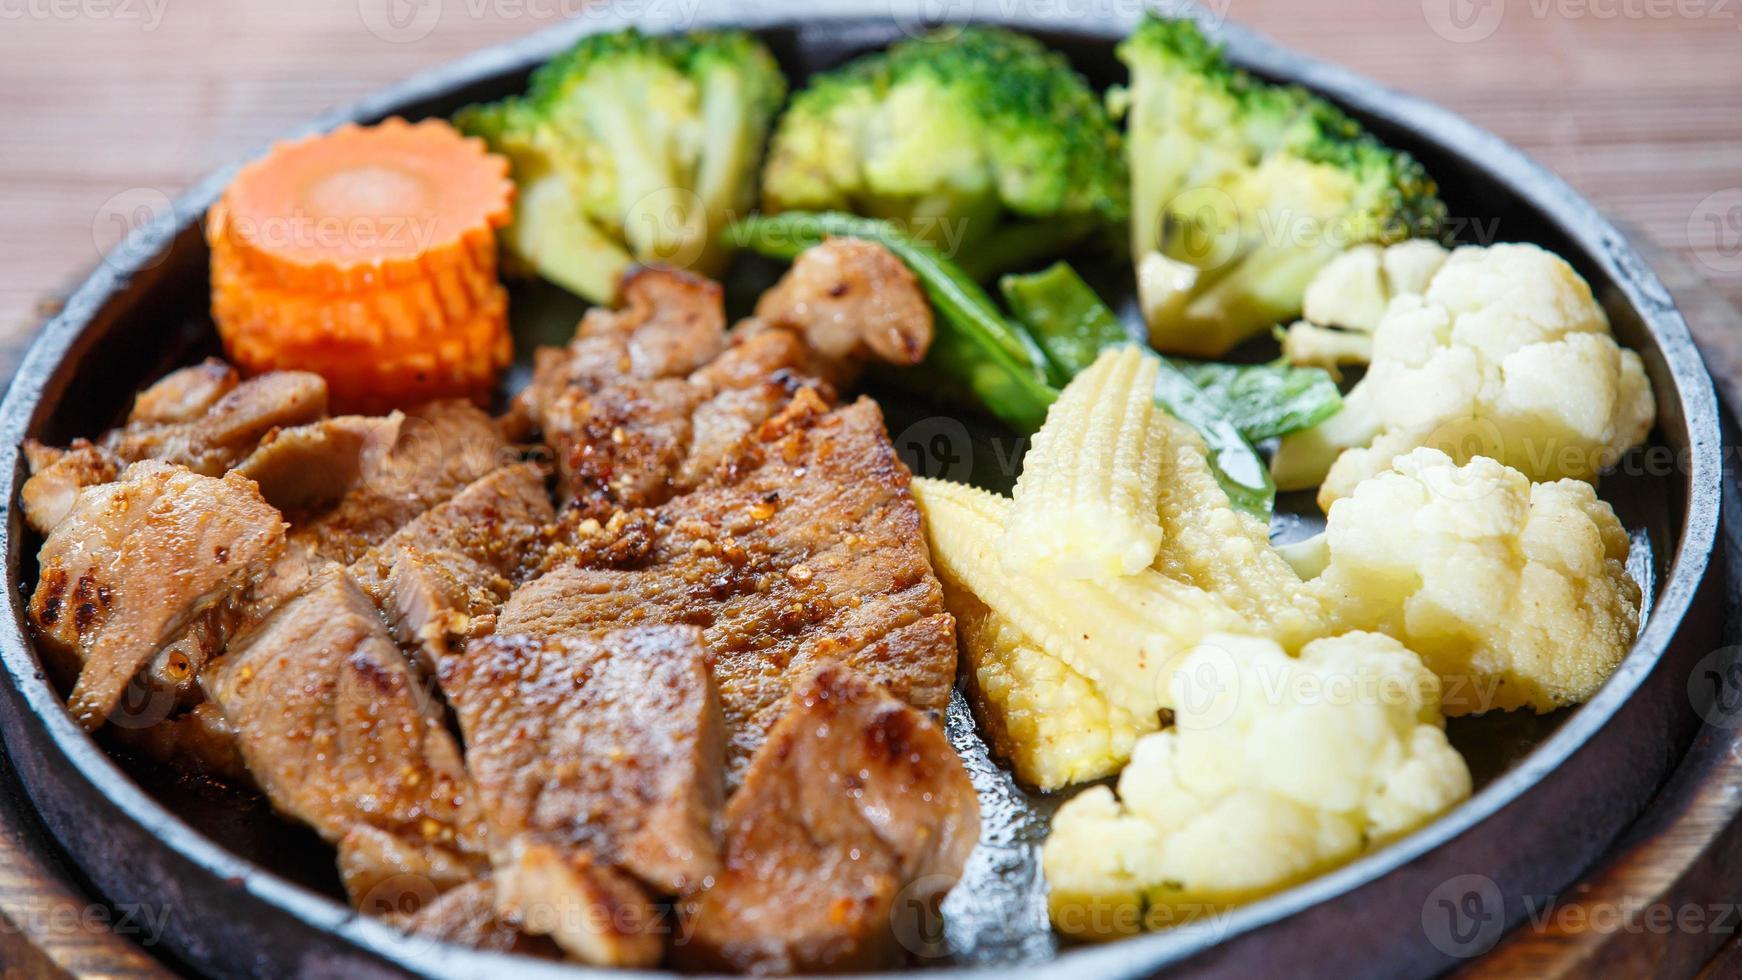 costeleta de porco grelhada suculenta (corte no pescoço) com legumes foto